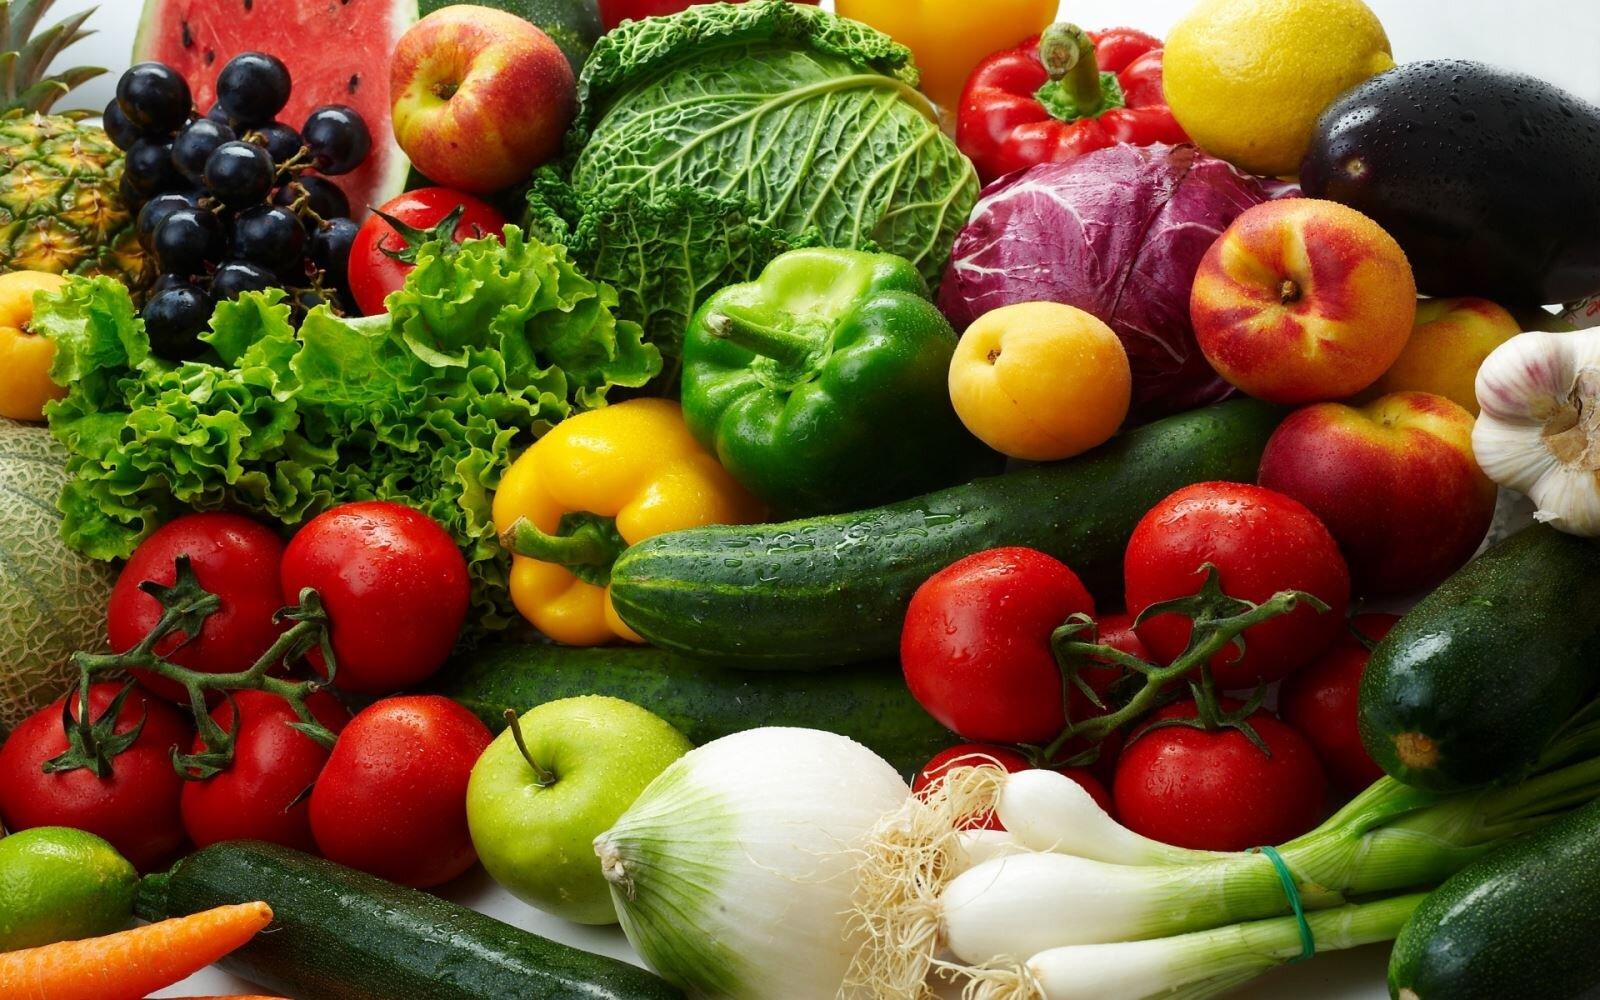 Mẹ sau sinh nên bổ sung chất xơ từ rau củ quả FOS để tốt cho hệ tiêu hóa và đảm bảo chất dinh dưỡng